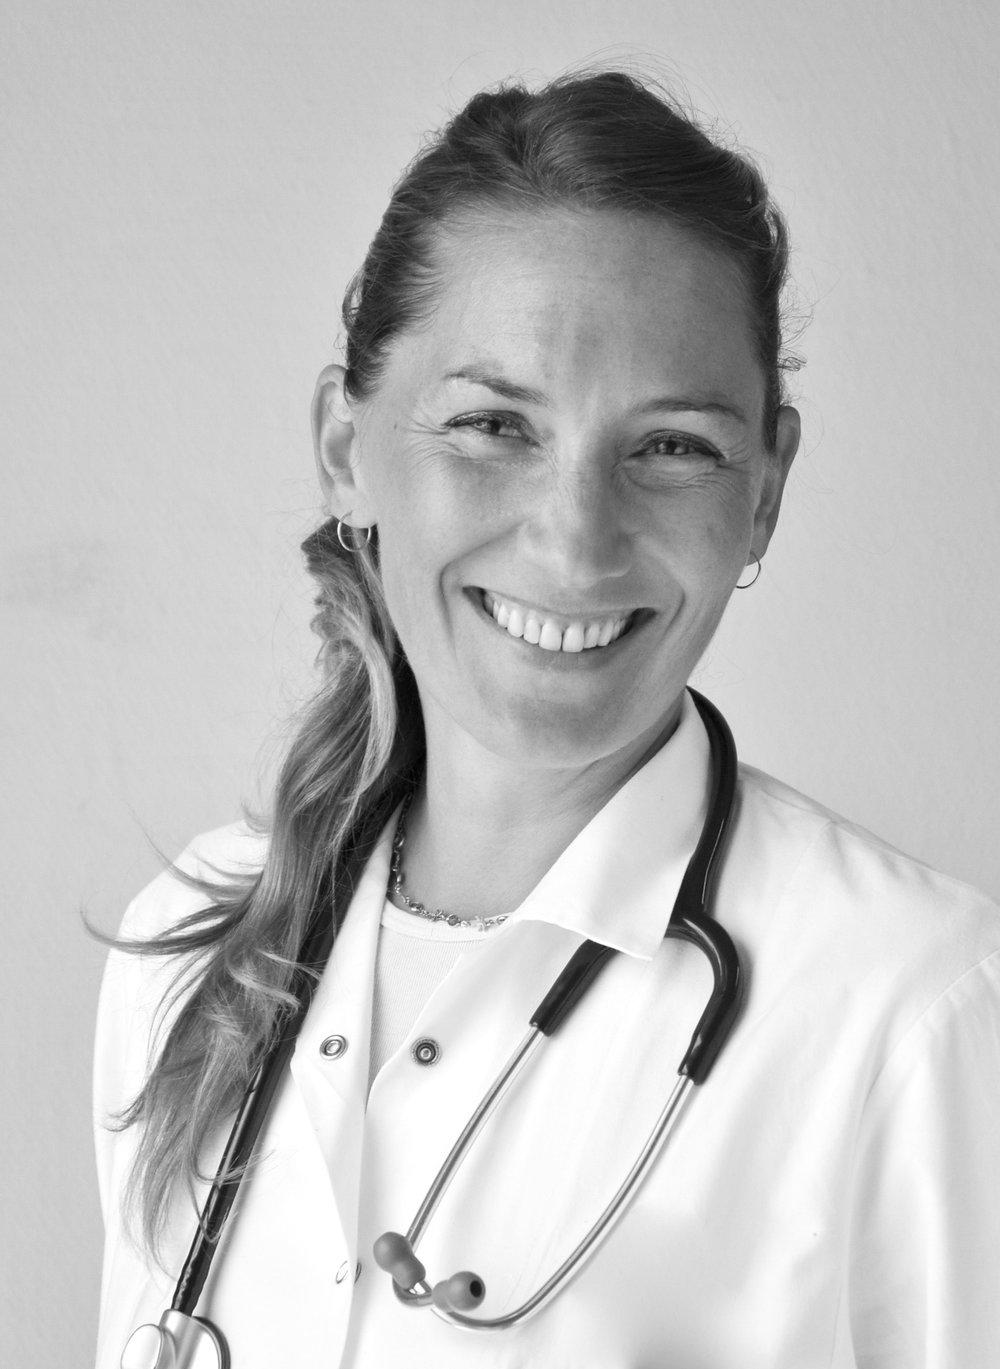 - Ärztin für AllgemeinmedizinKlassische HomöopathieVegan/vegetarische ErnährungVorsorgemedizinOsteopathische Triggerpunkttherapie